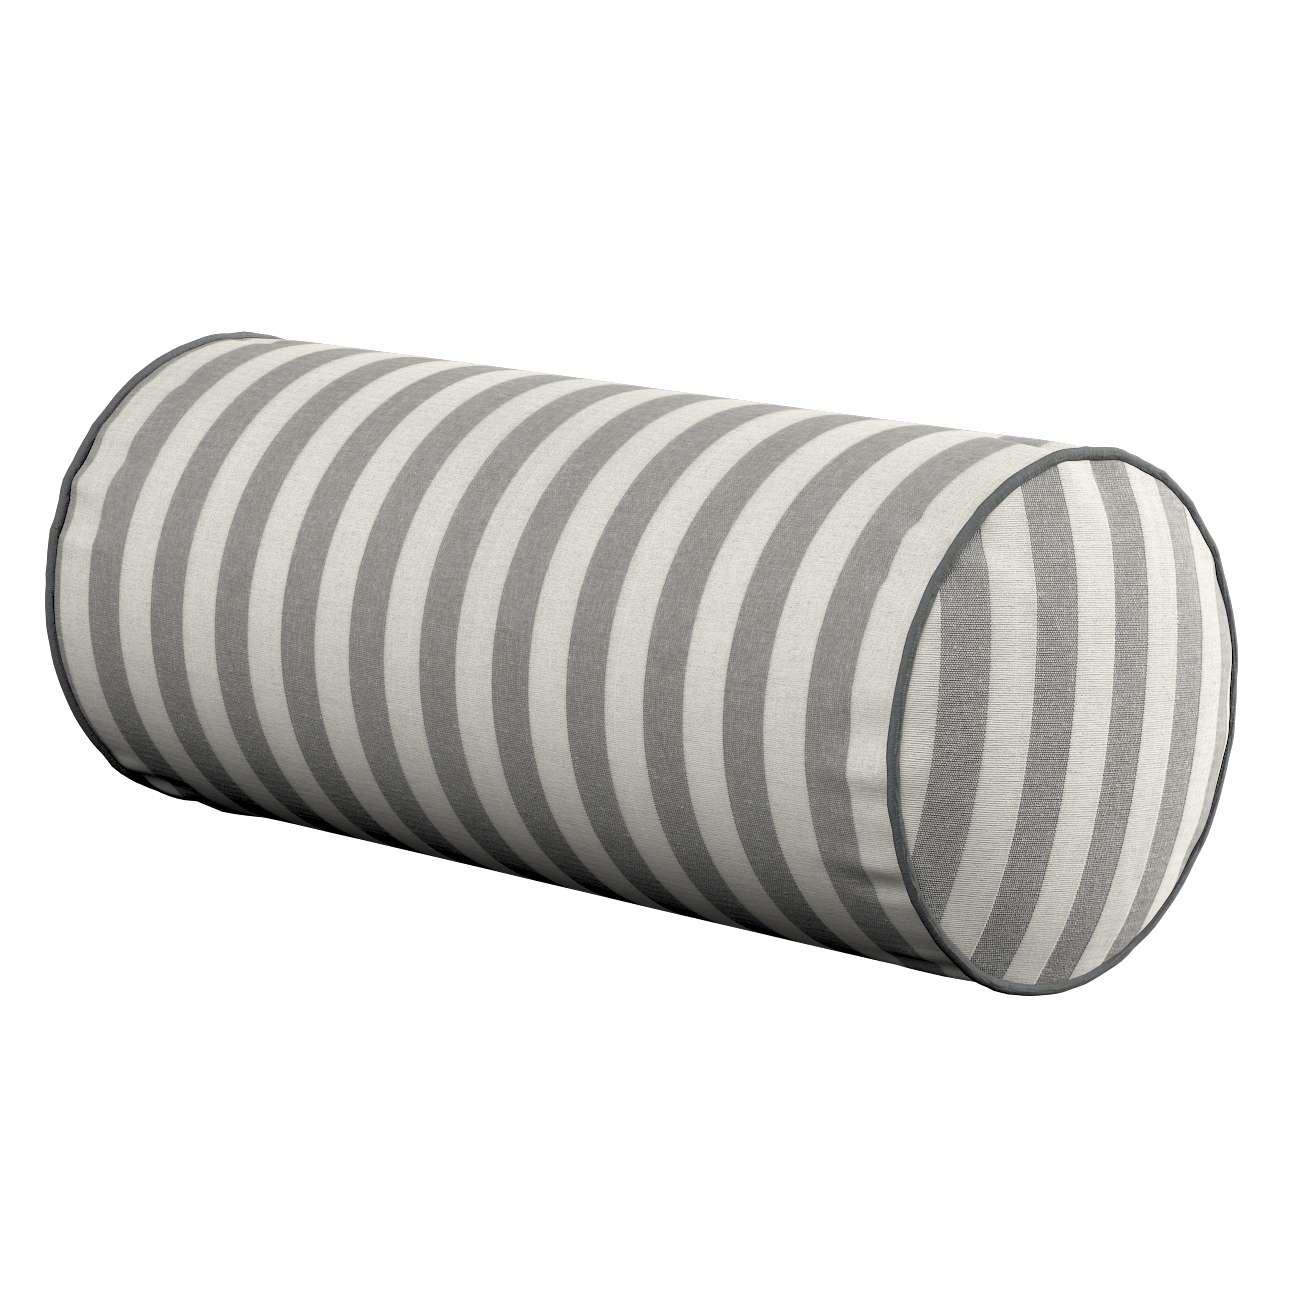 Poduszka wałek prosty Ø 16 x 40 cm w kolekcji Quadro, tkanina: 136-12